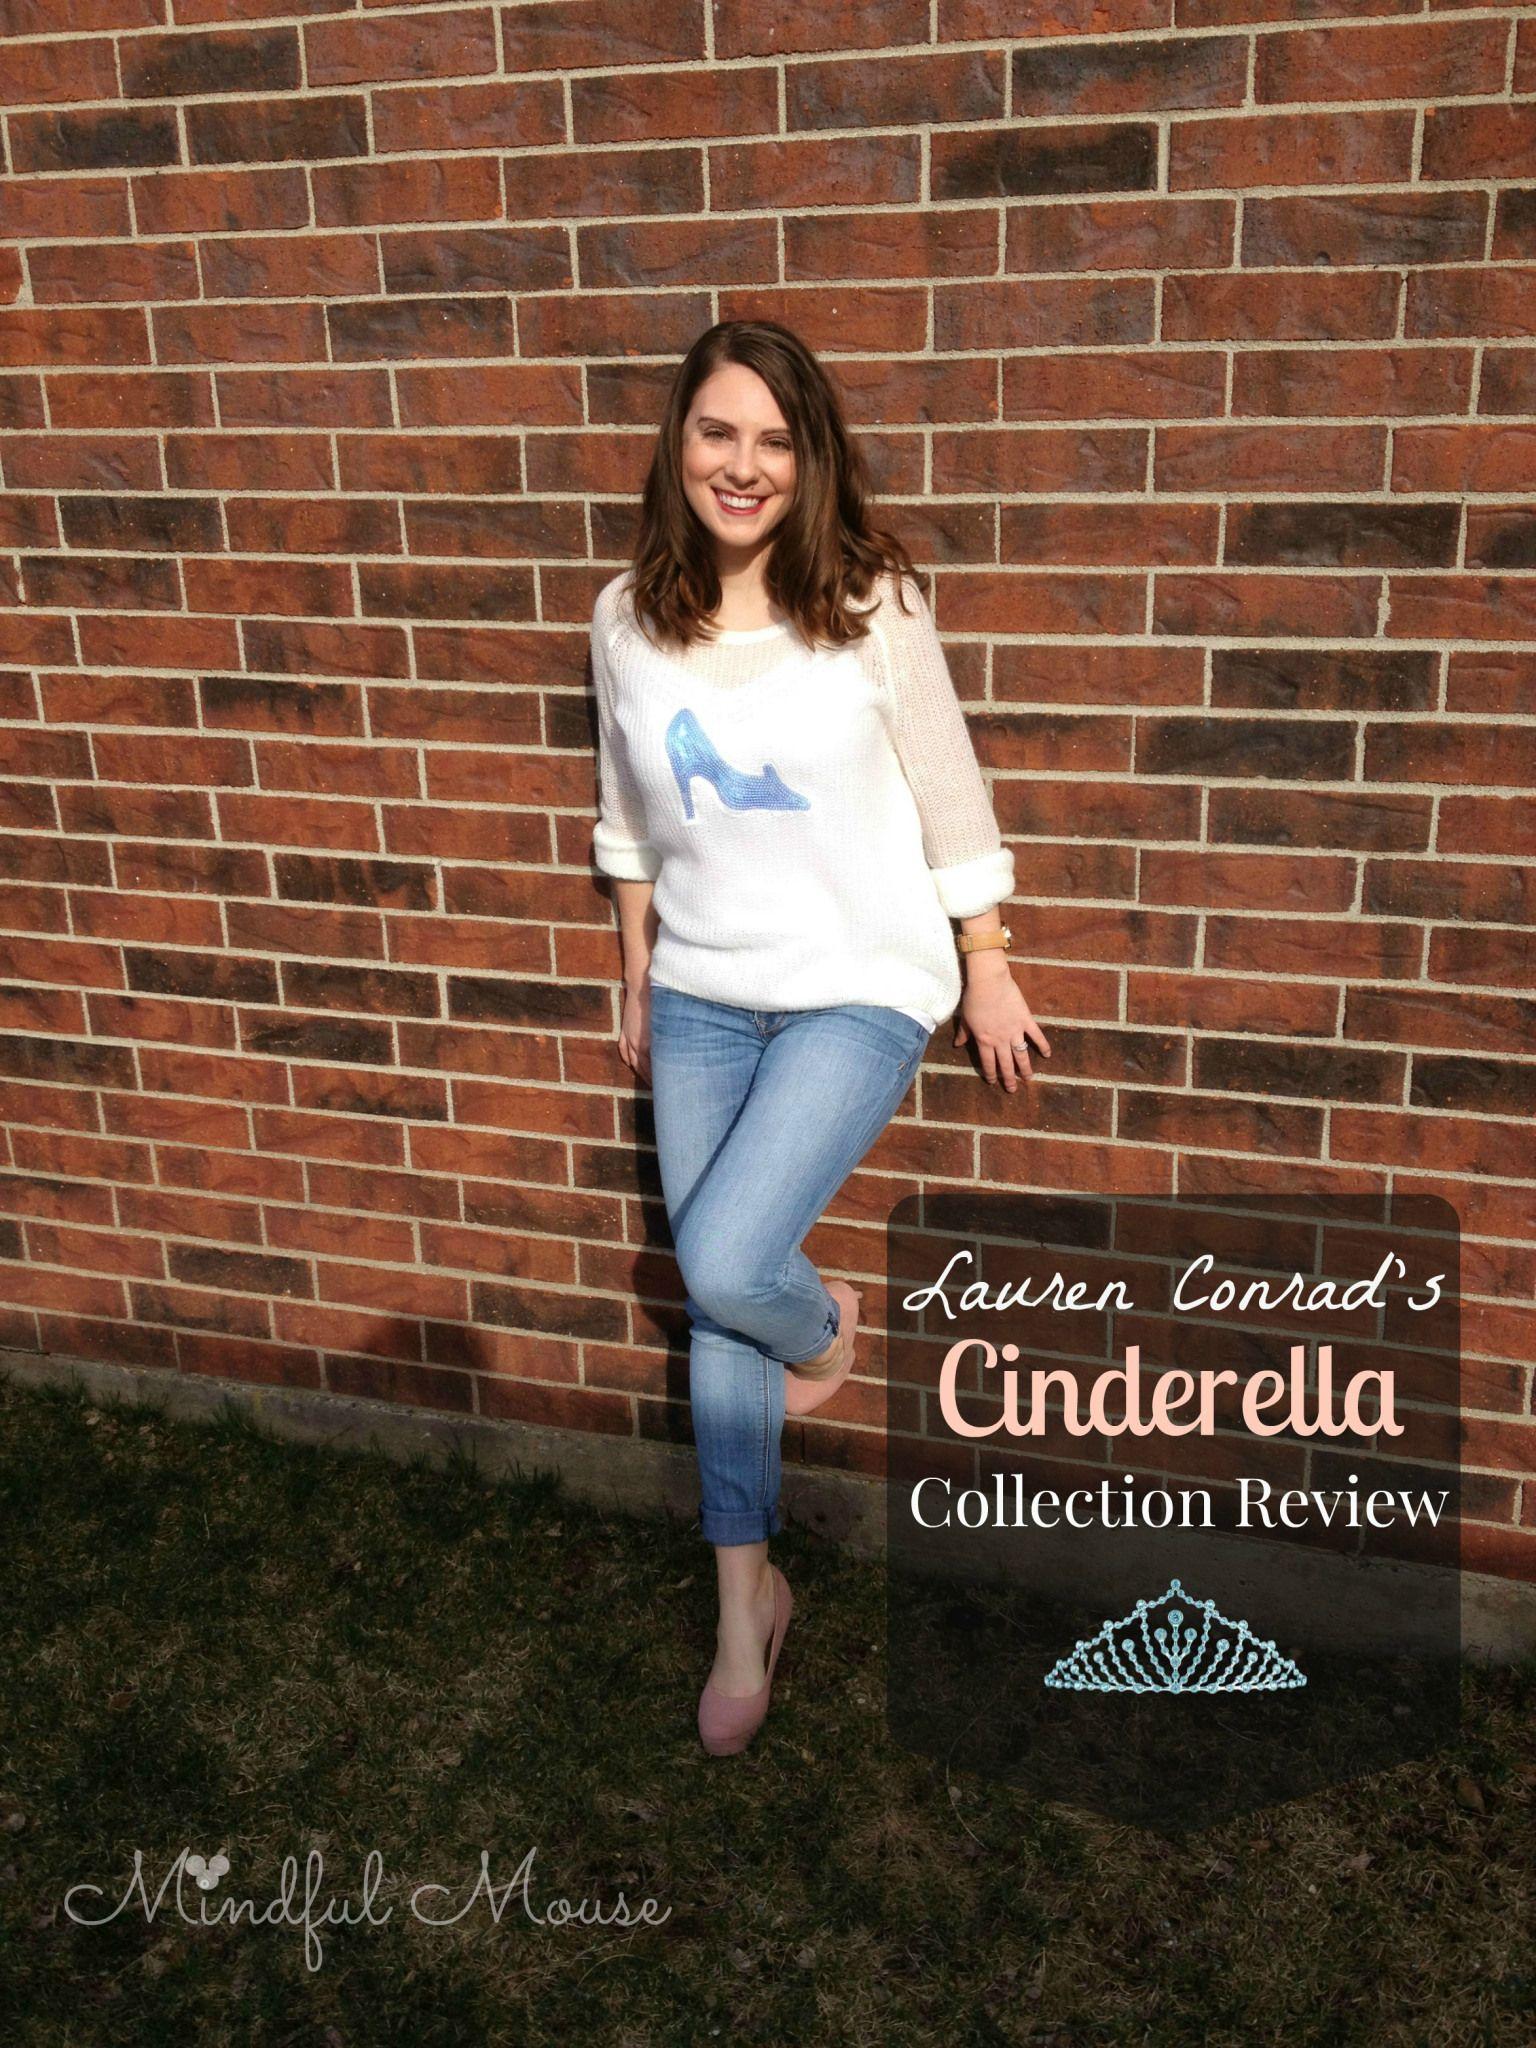 Lauren Conrad's Cinderella Collection Review Lauren